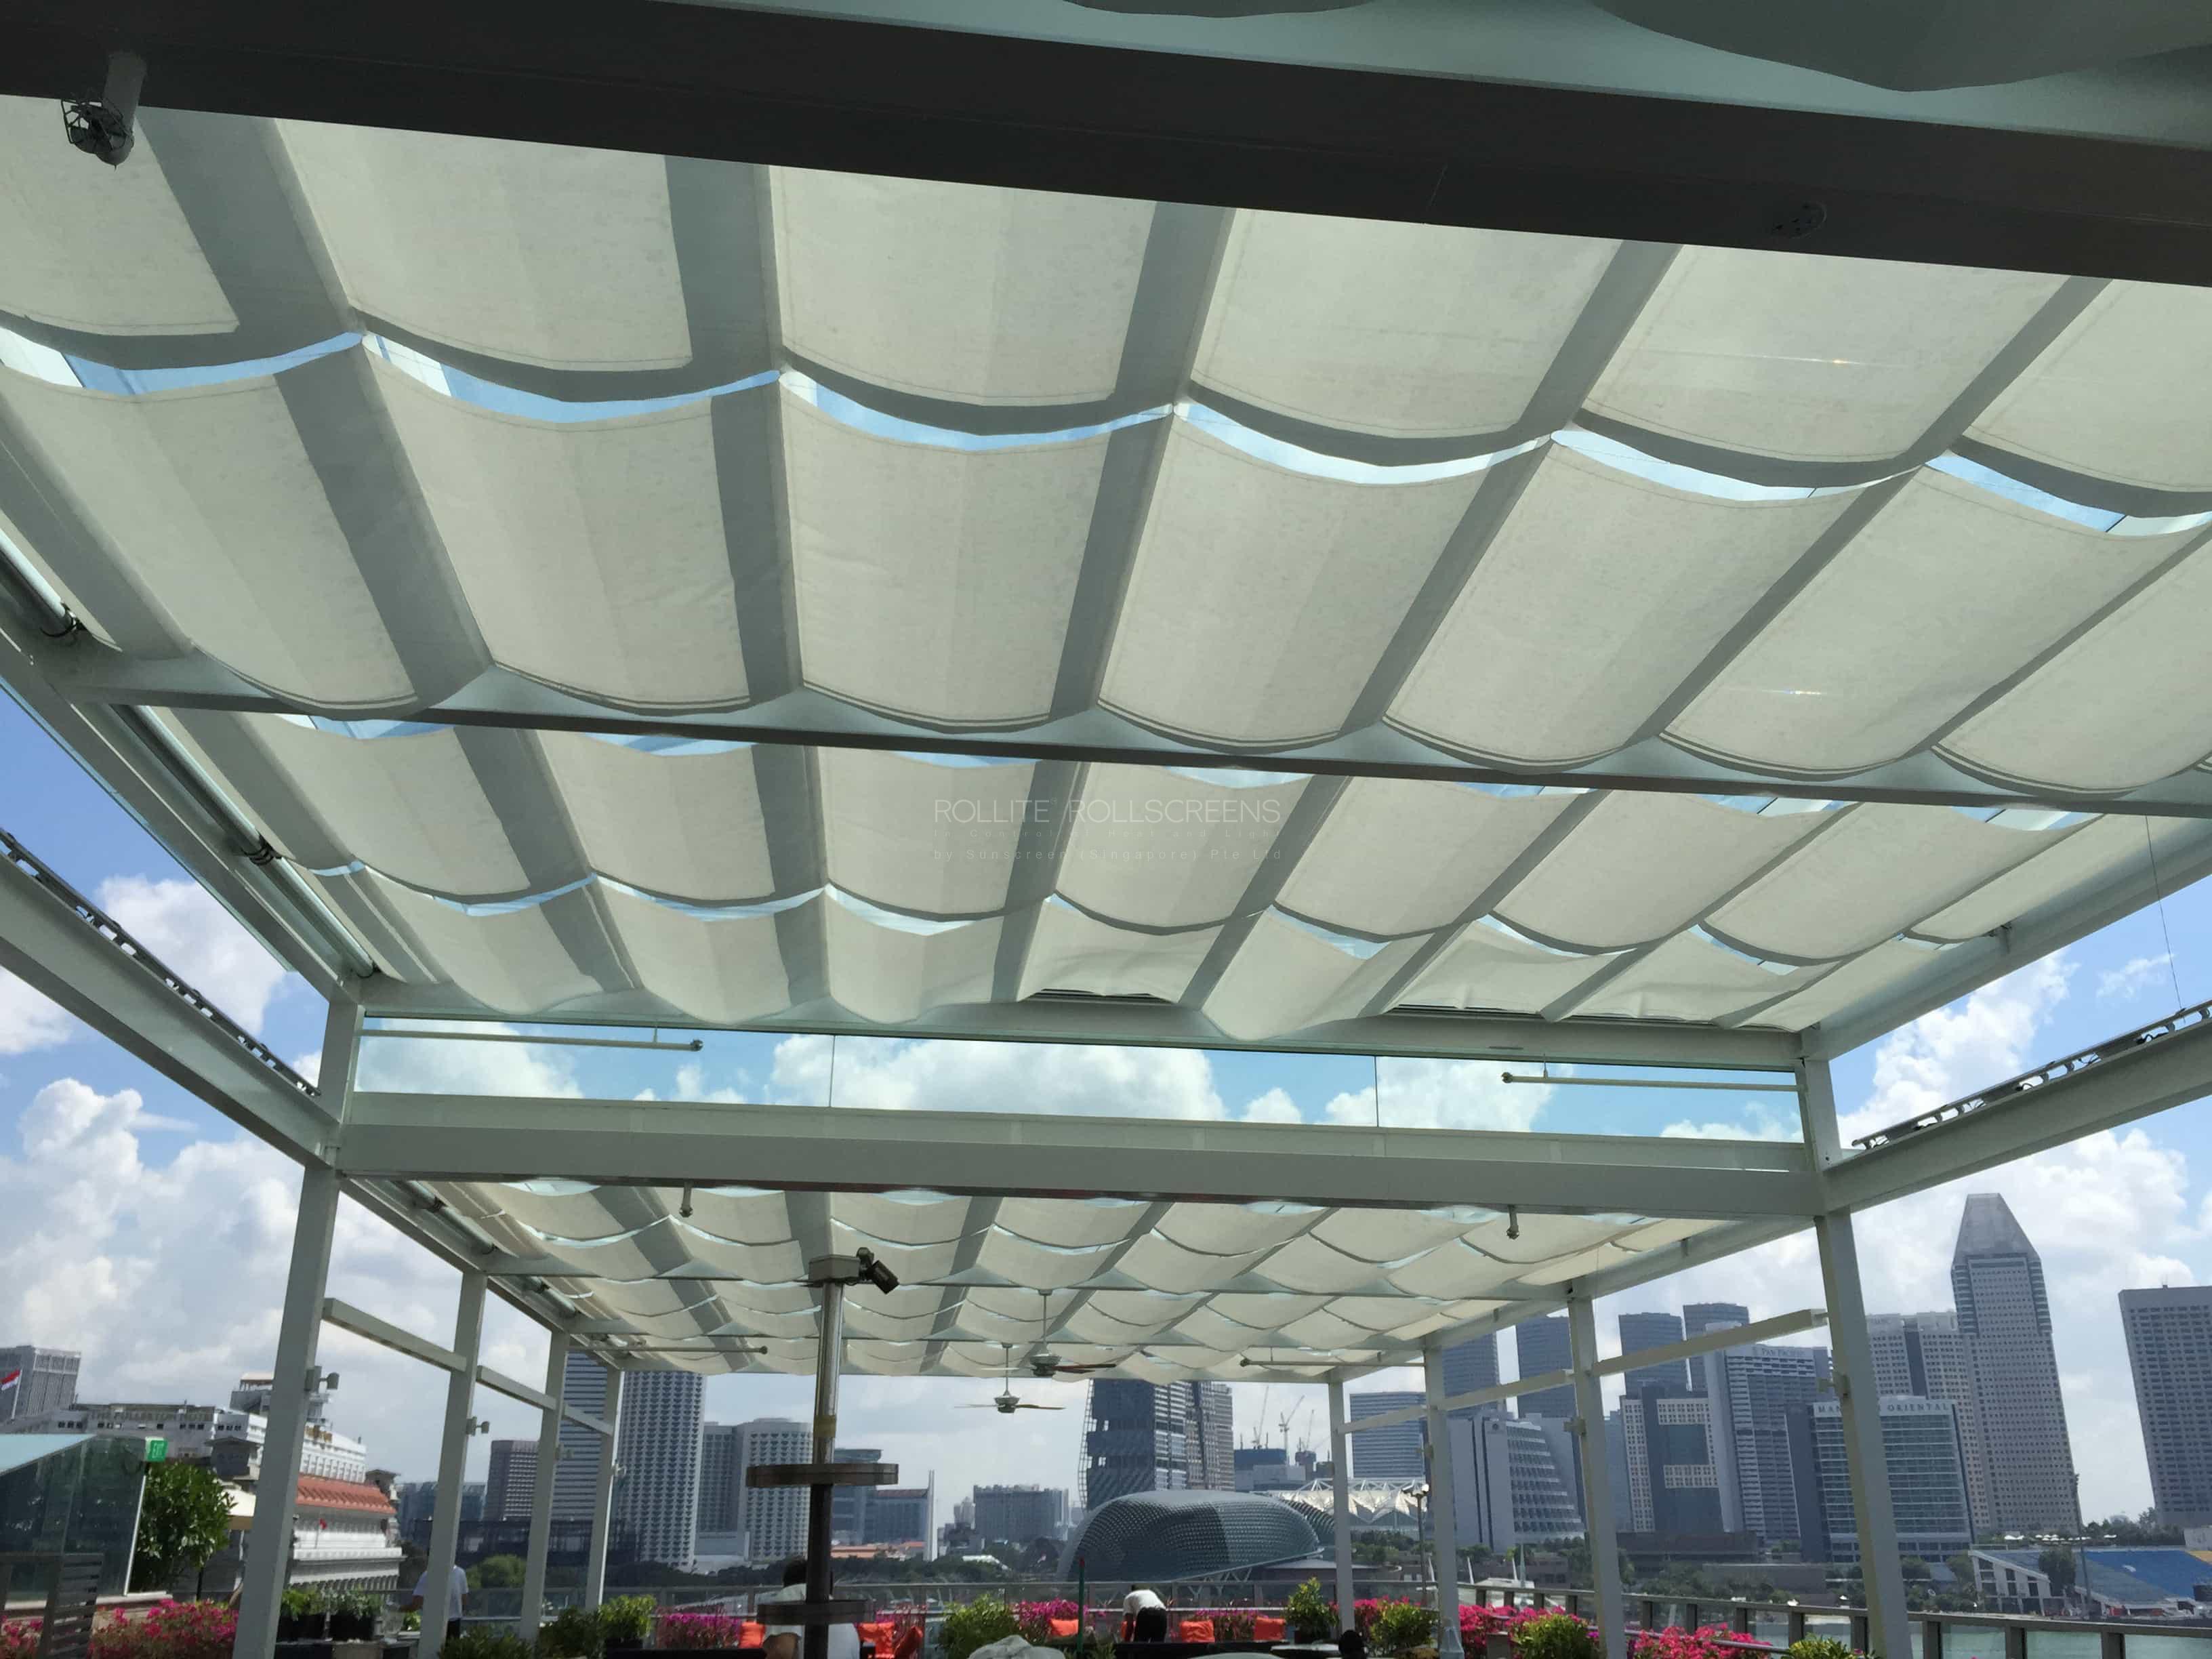 Sunscreen Singapore_Rollite External Scallop Skylight 1